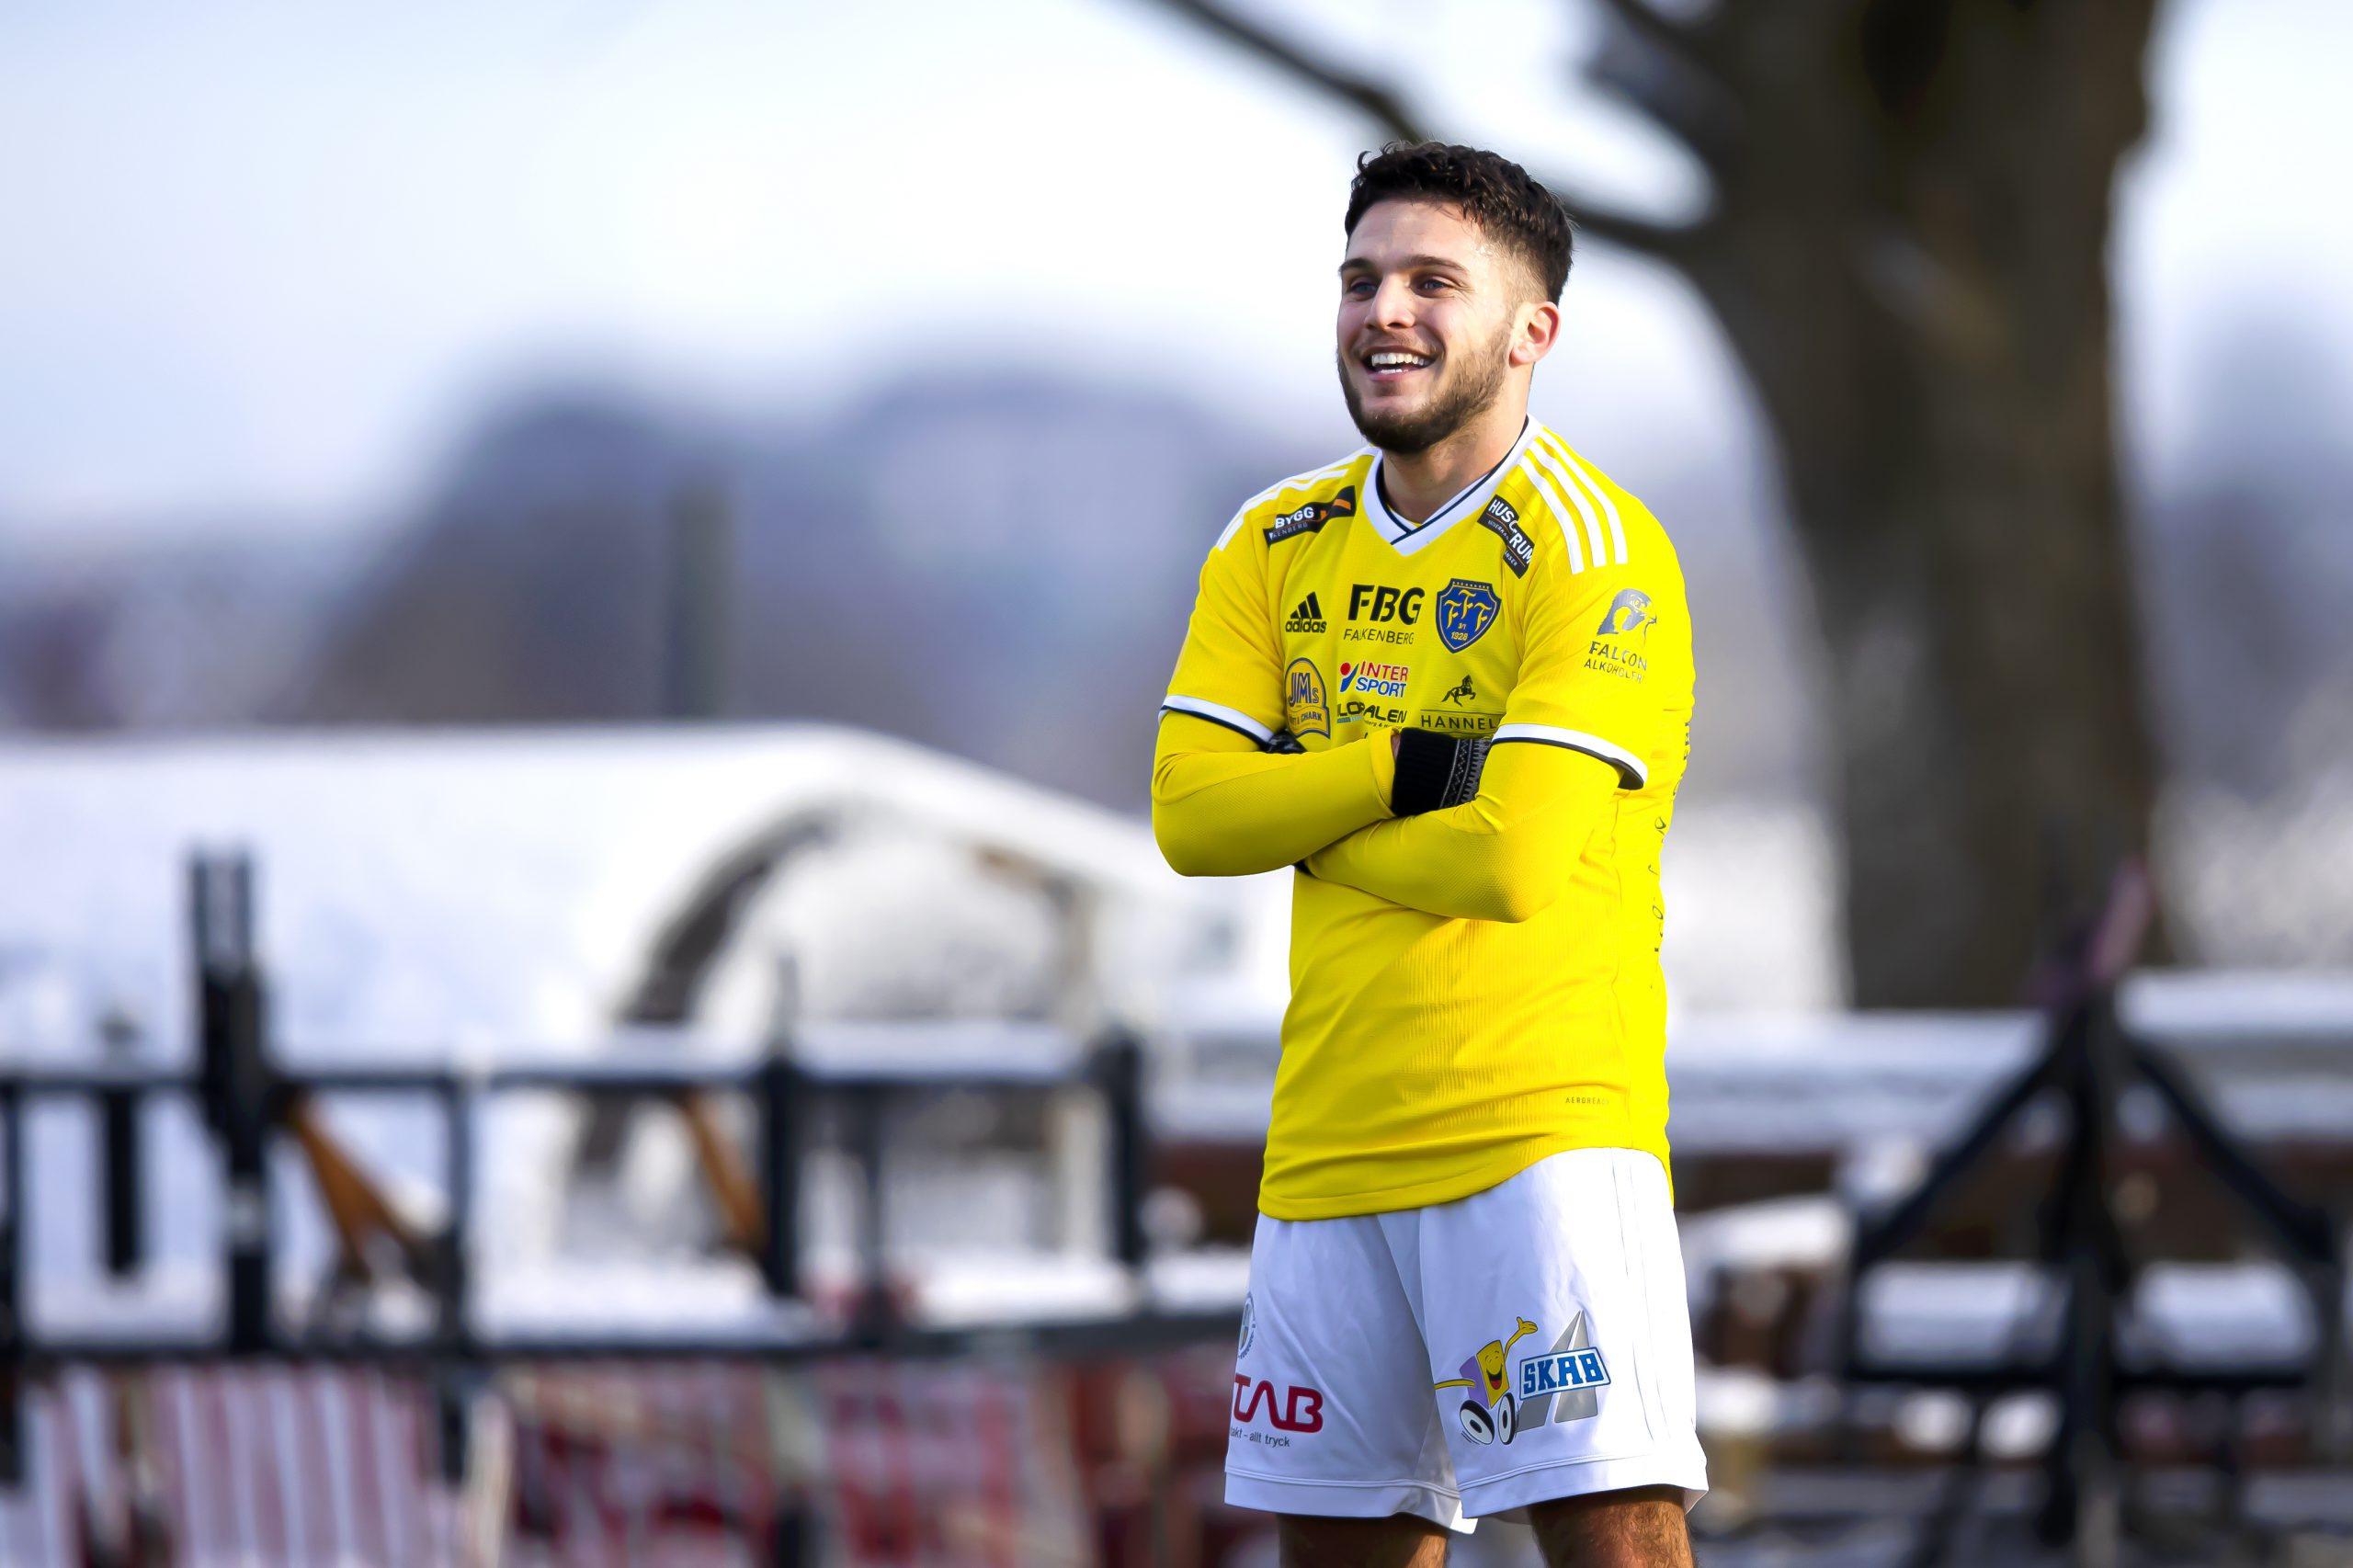 Ovanligt derby väntar – FFF ställs mot BoIS i Borås